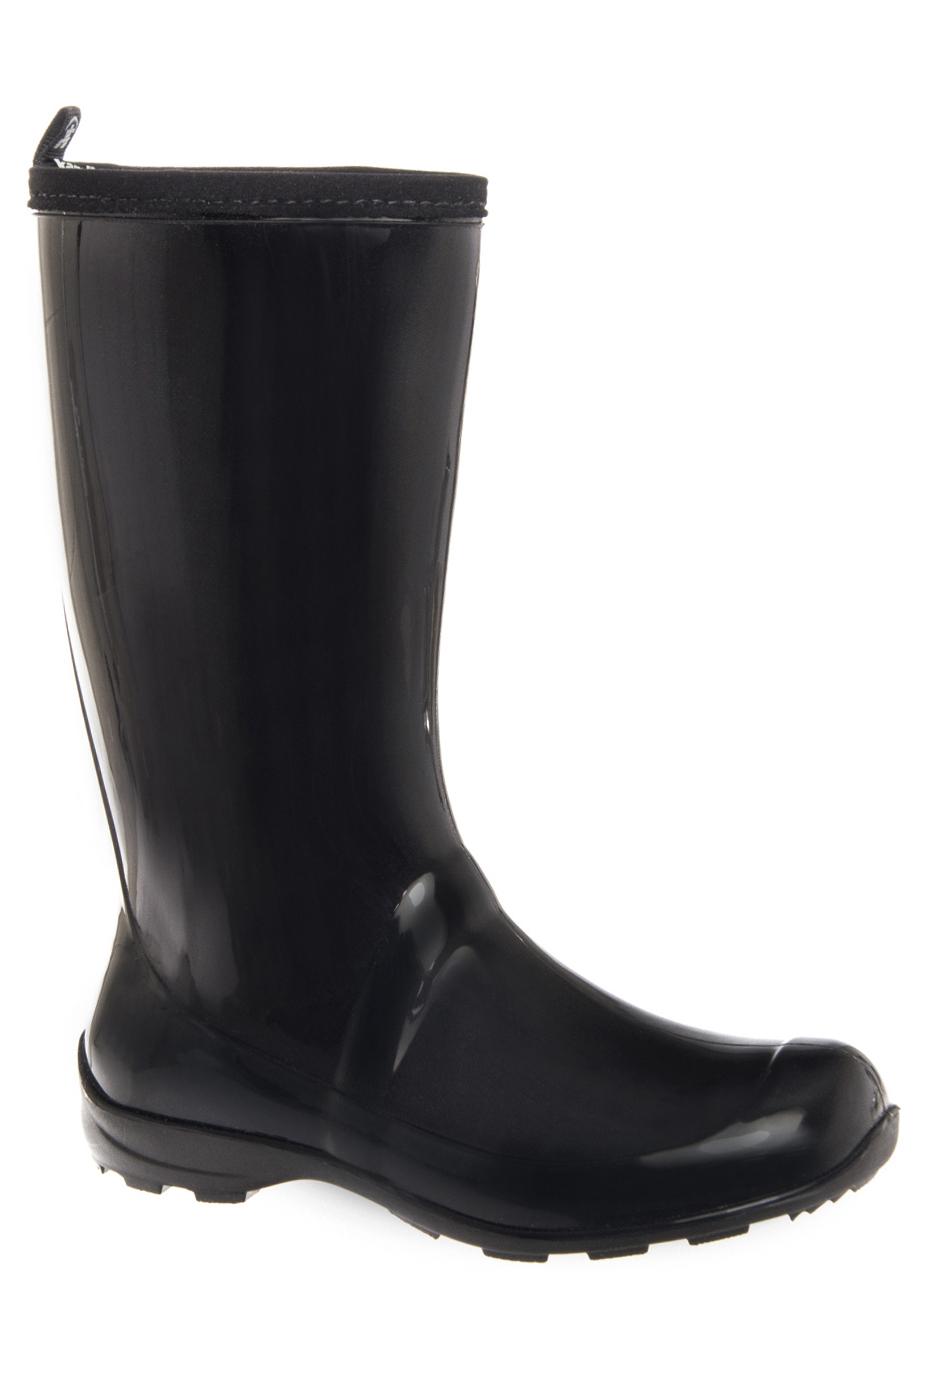 KAMIK Heidi Tall Lug Sole Rain Boots - Black